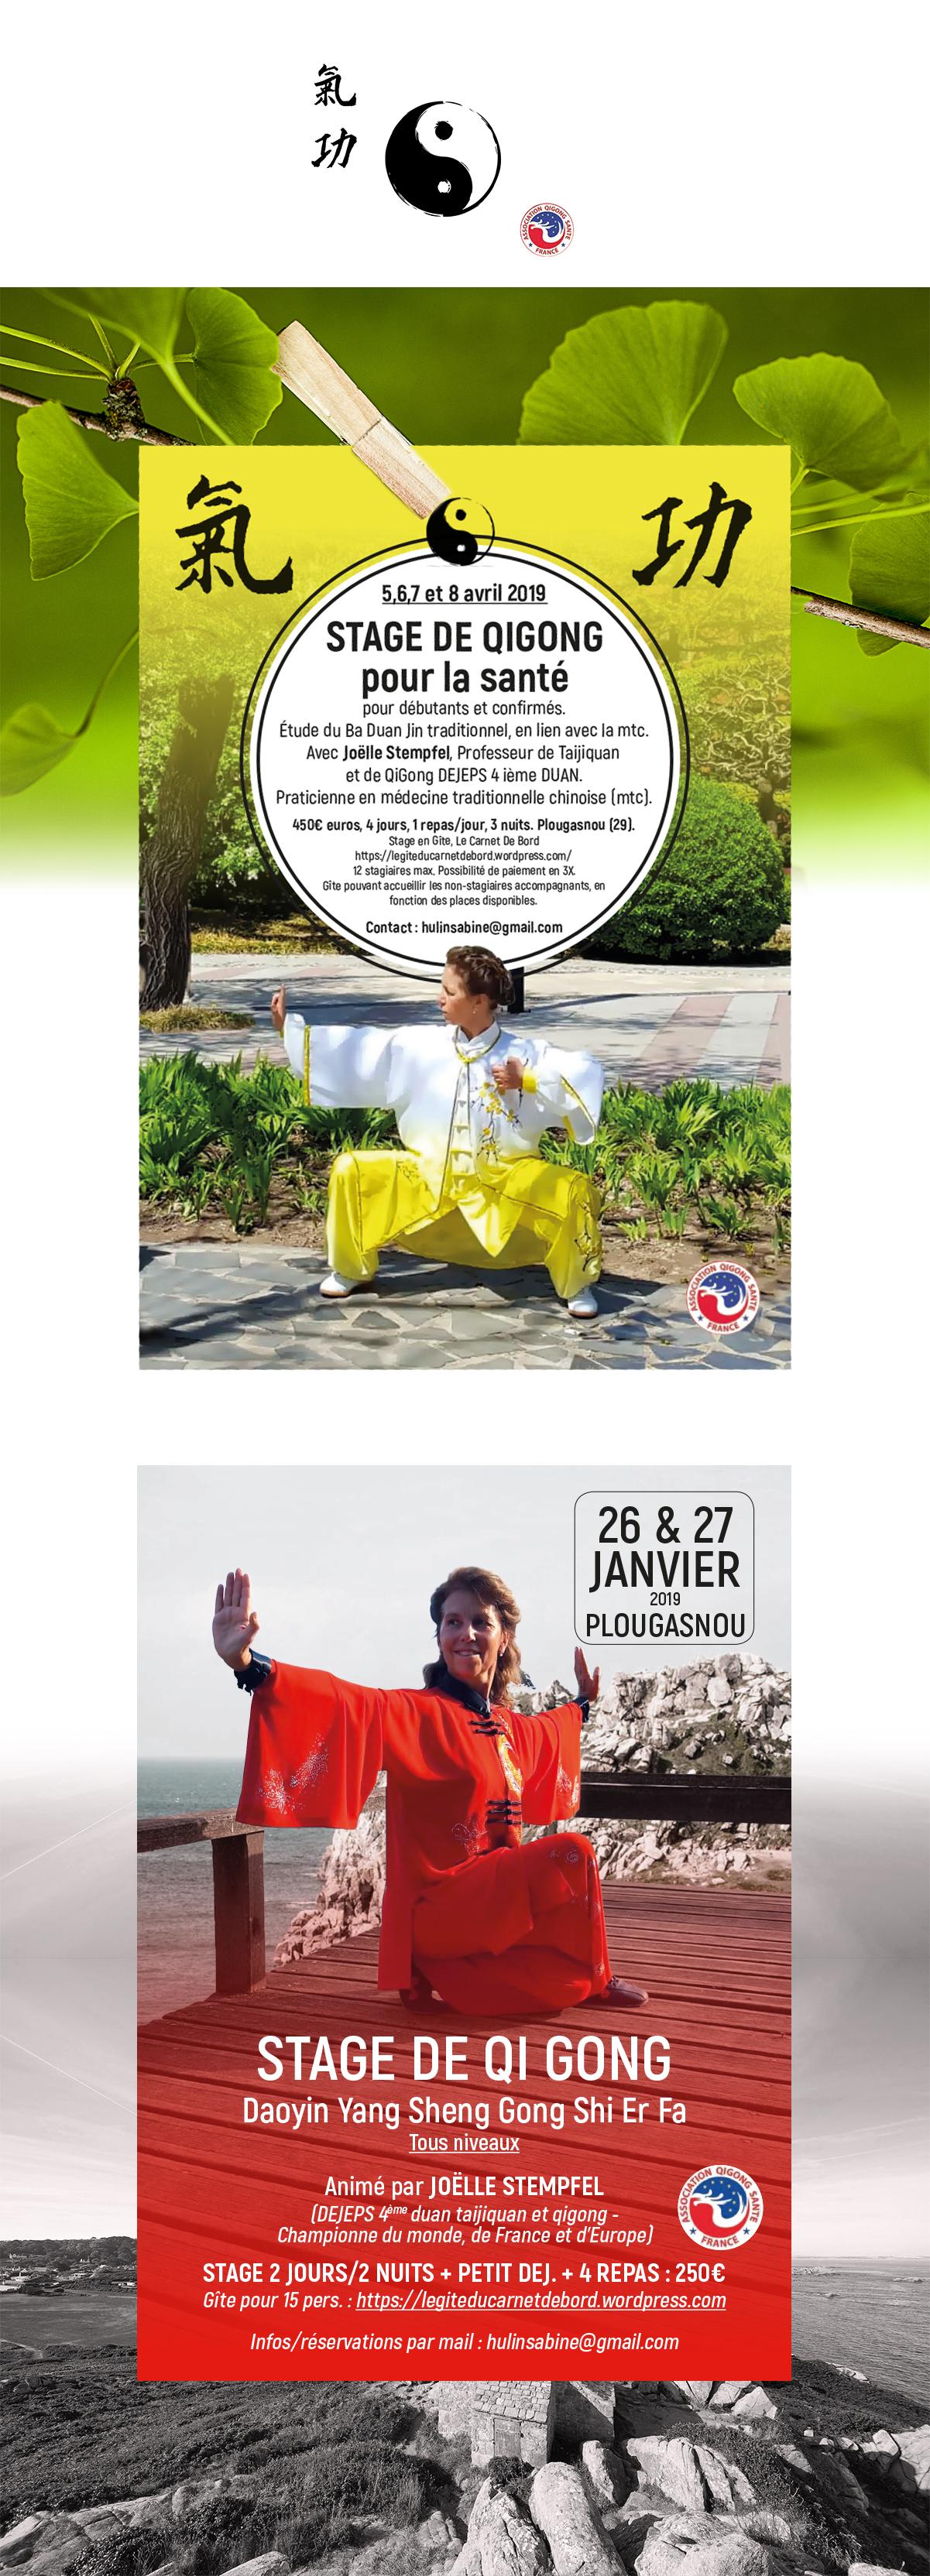 QIGONG_2019 copie